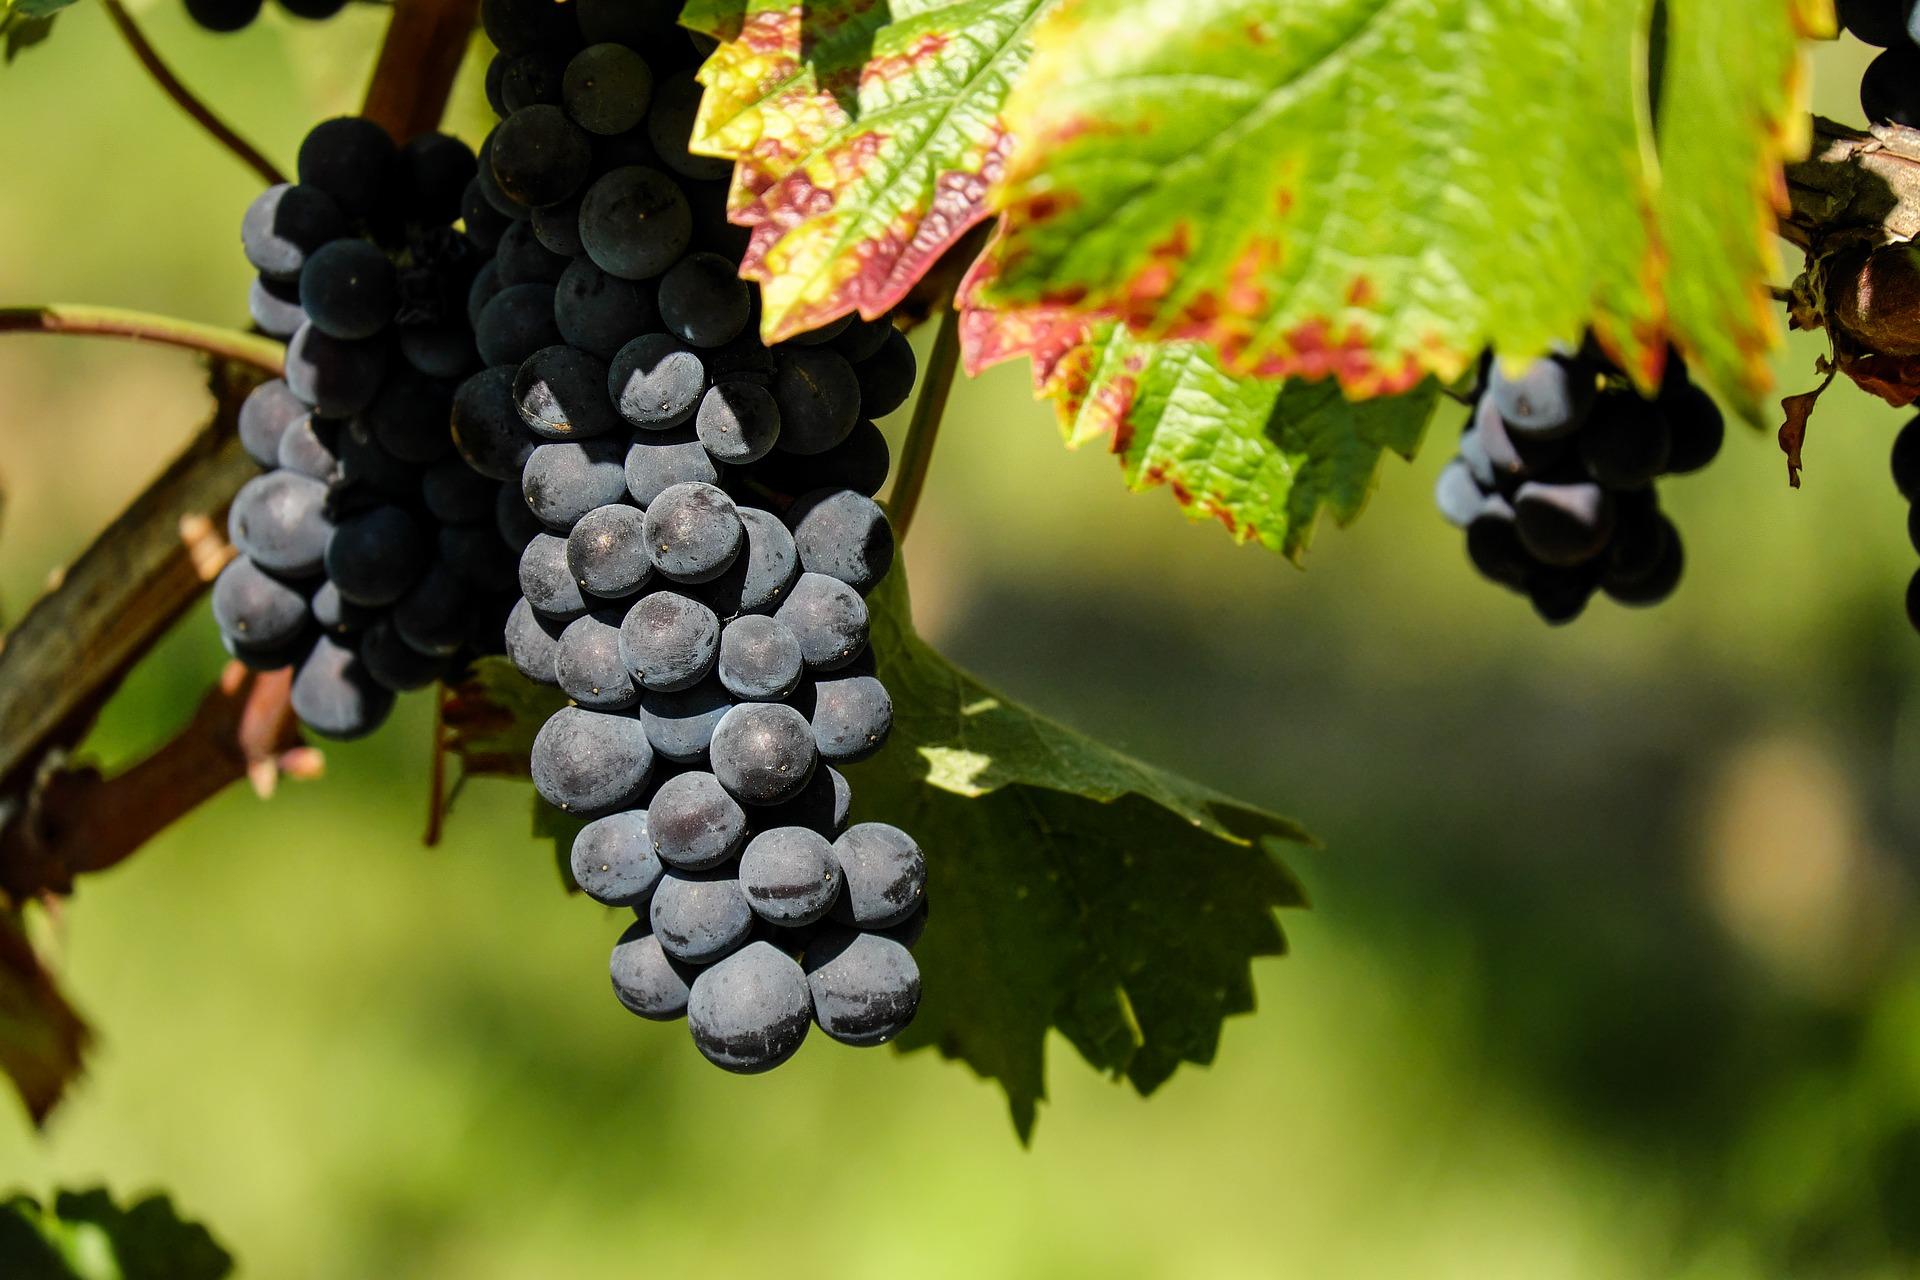 La capitale bourguignonne était en concurrence avec Bordeaux et Reims. Illsutration Image par Couleur de Pixabay